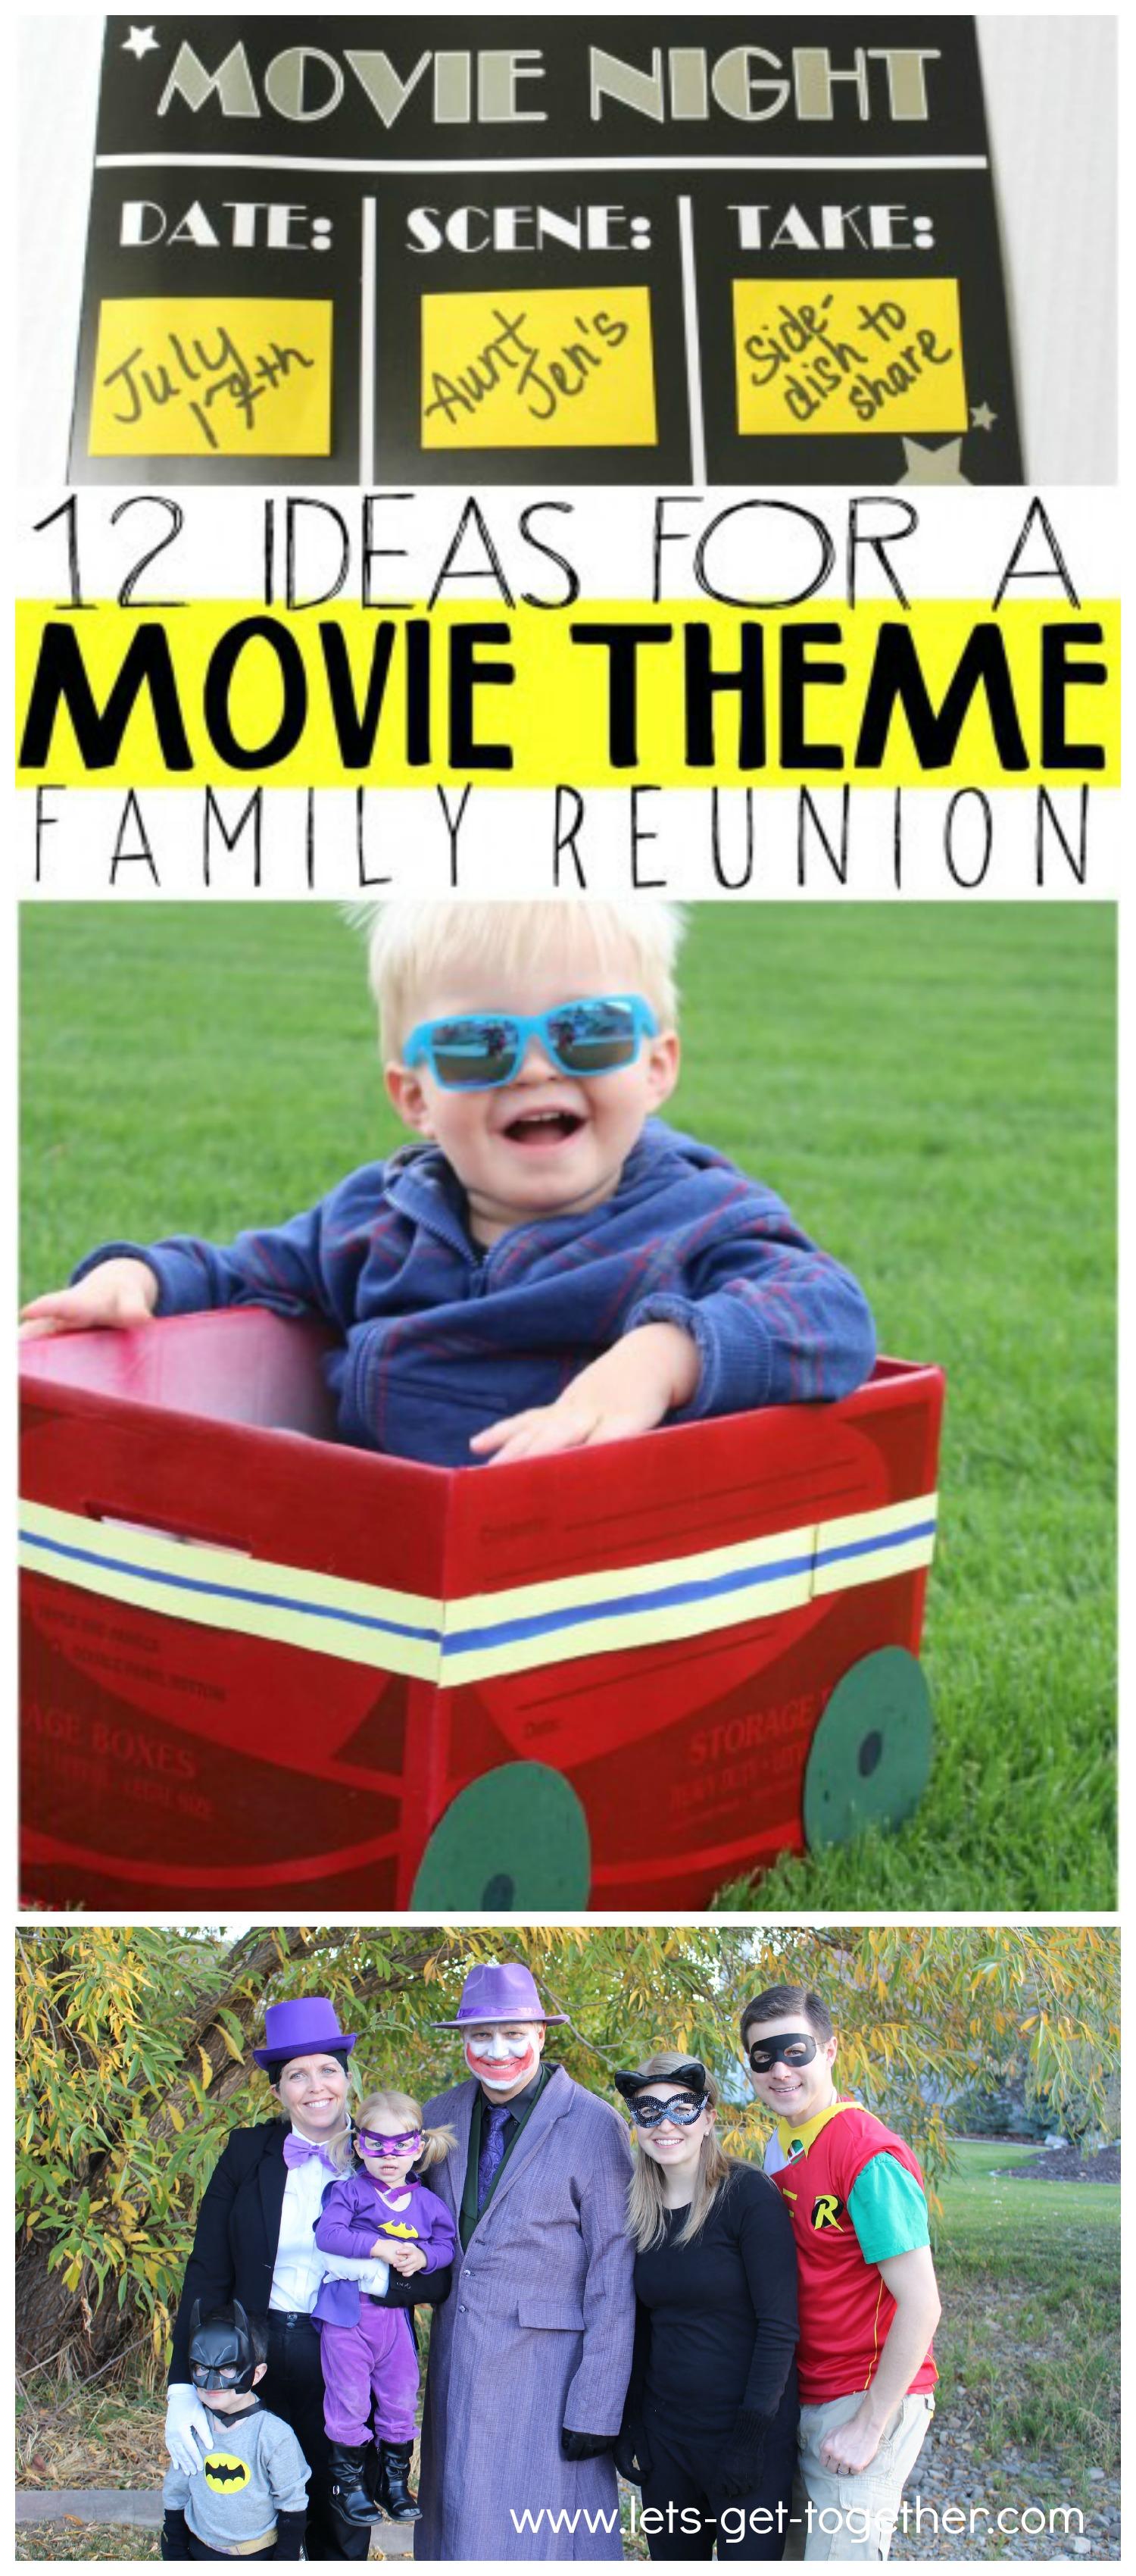 Family Reunion Movies Theme